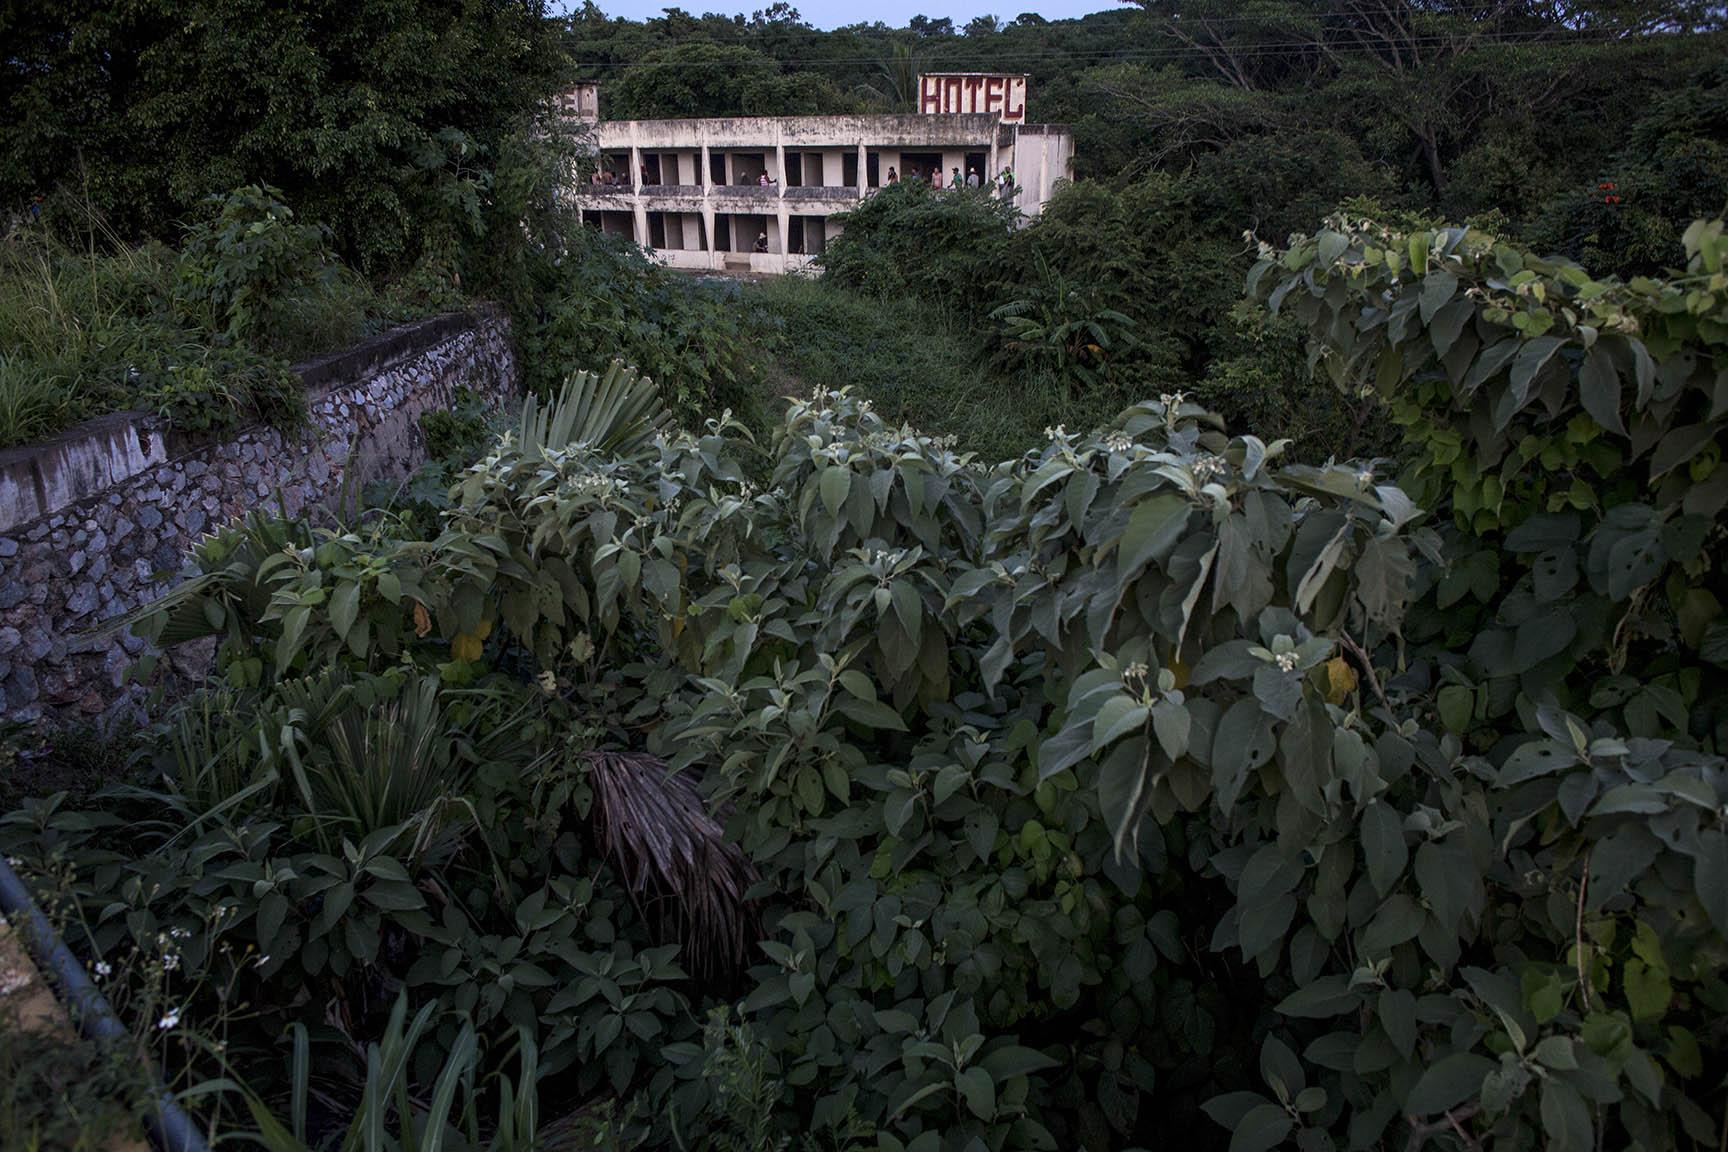 El Hotel Real del Istmo, estructura abandonada donde cientos de migrantes encontraron refugio en Matías Romero / Simone Dalmasso